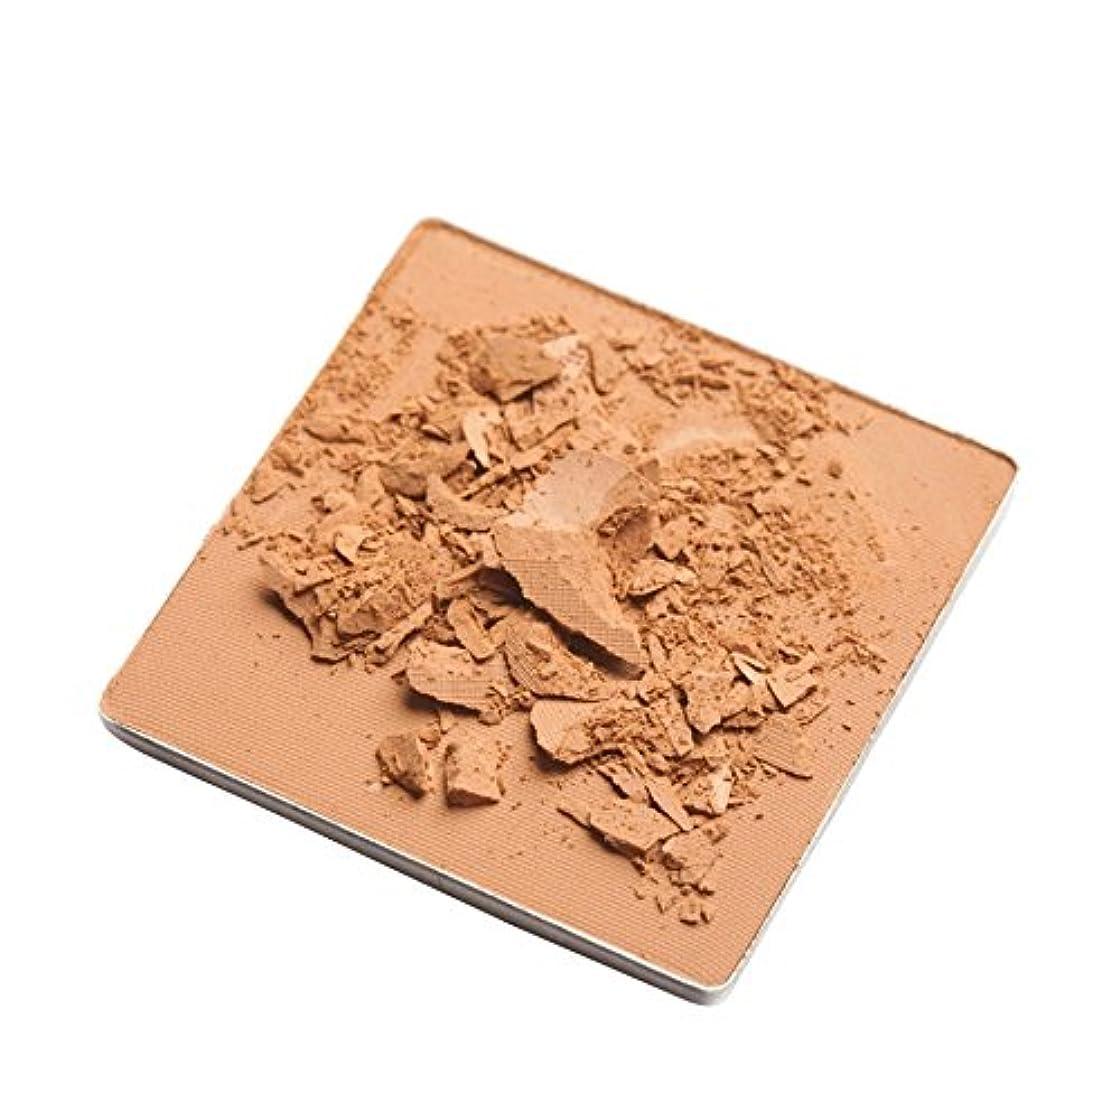 レモンテレビ局小数Trish McEvoy Even Skin Mineral Powder in Nude - ヌードでも、皮膚の鉱物粉末トリッシュ?マクエボイ [並行輸入品]